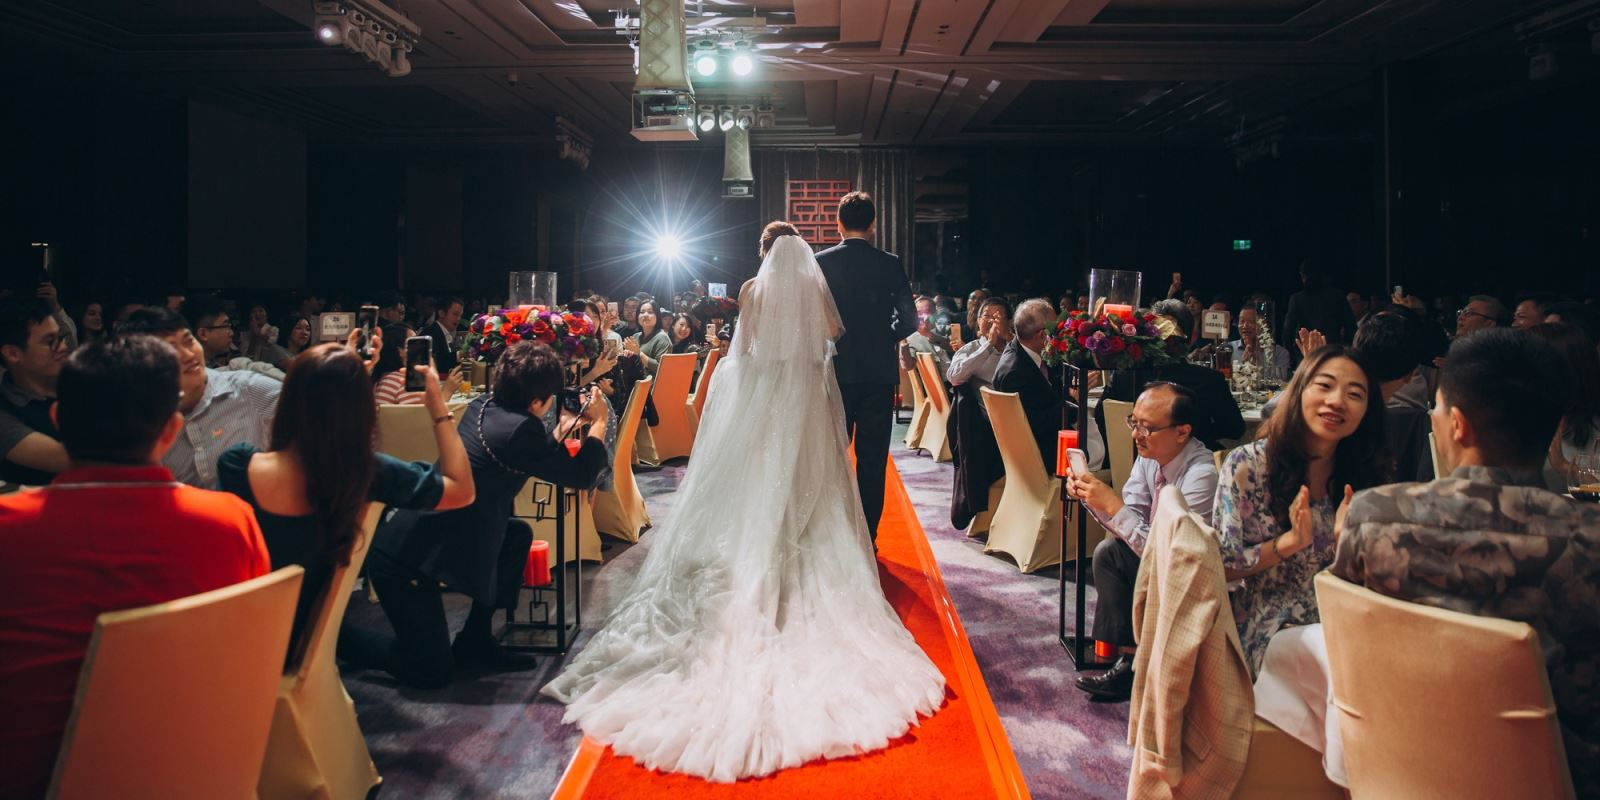 挑選新娘禮服時,新娘裙襬的長度,TWO in ONE婚禮顧問會依照場地給您提醒.